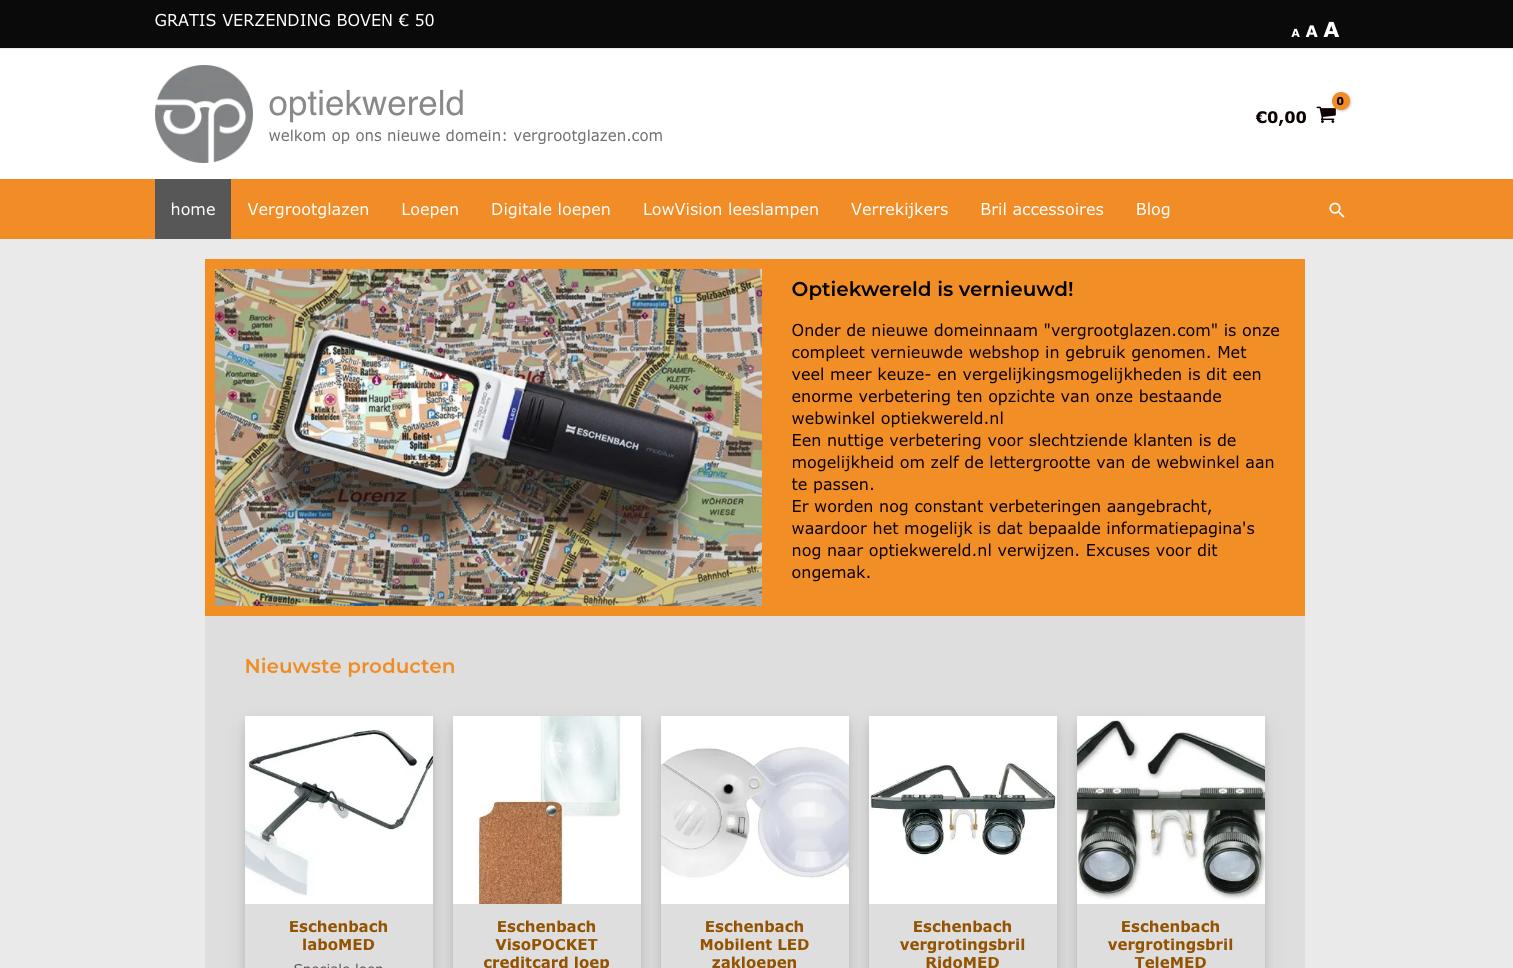 Nieuwe webshop optiekwereld in gebruik genomen